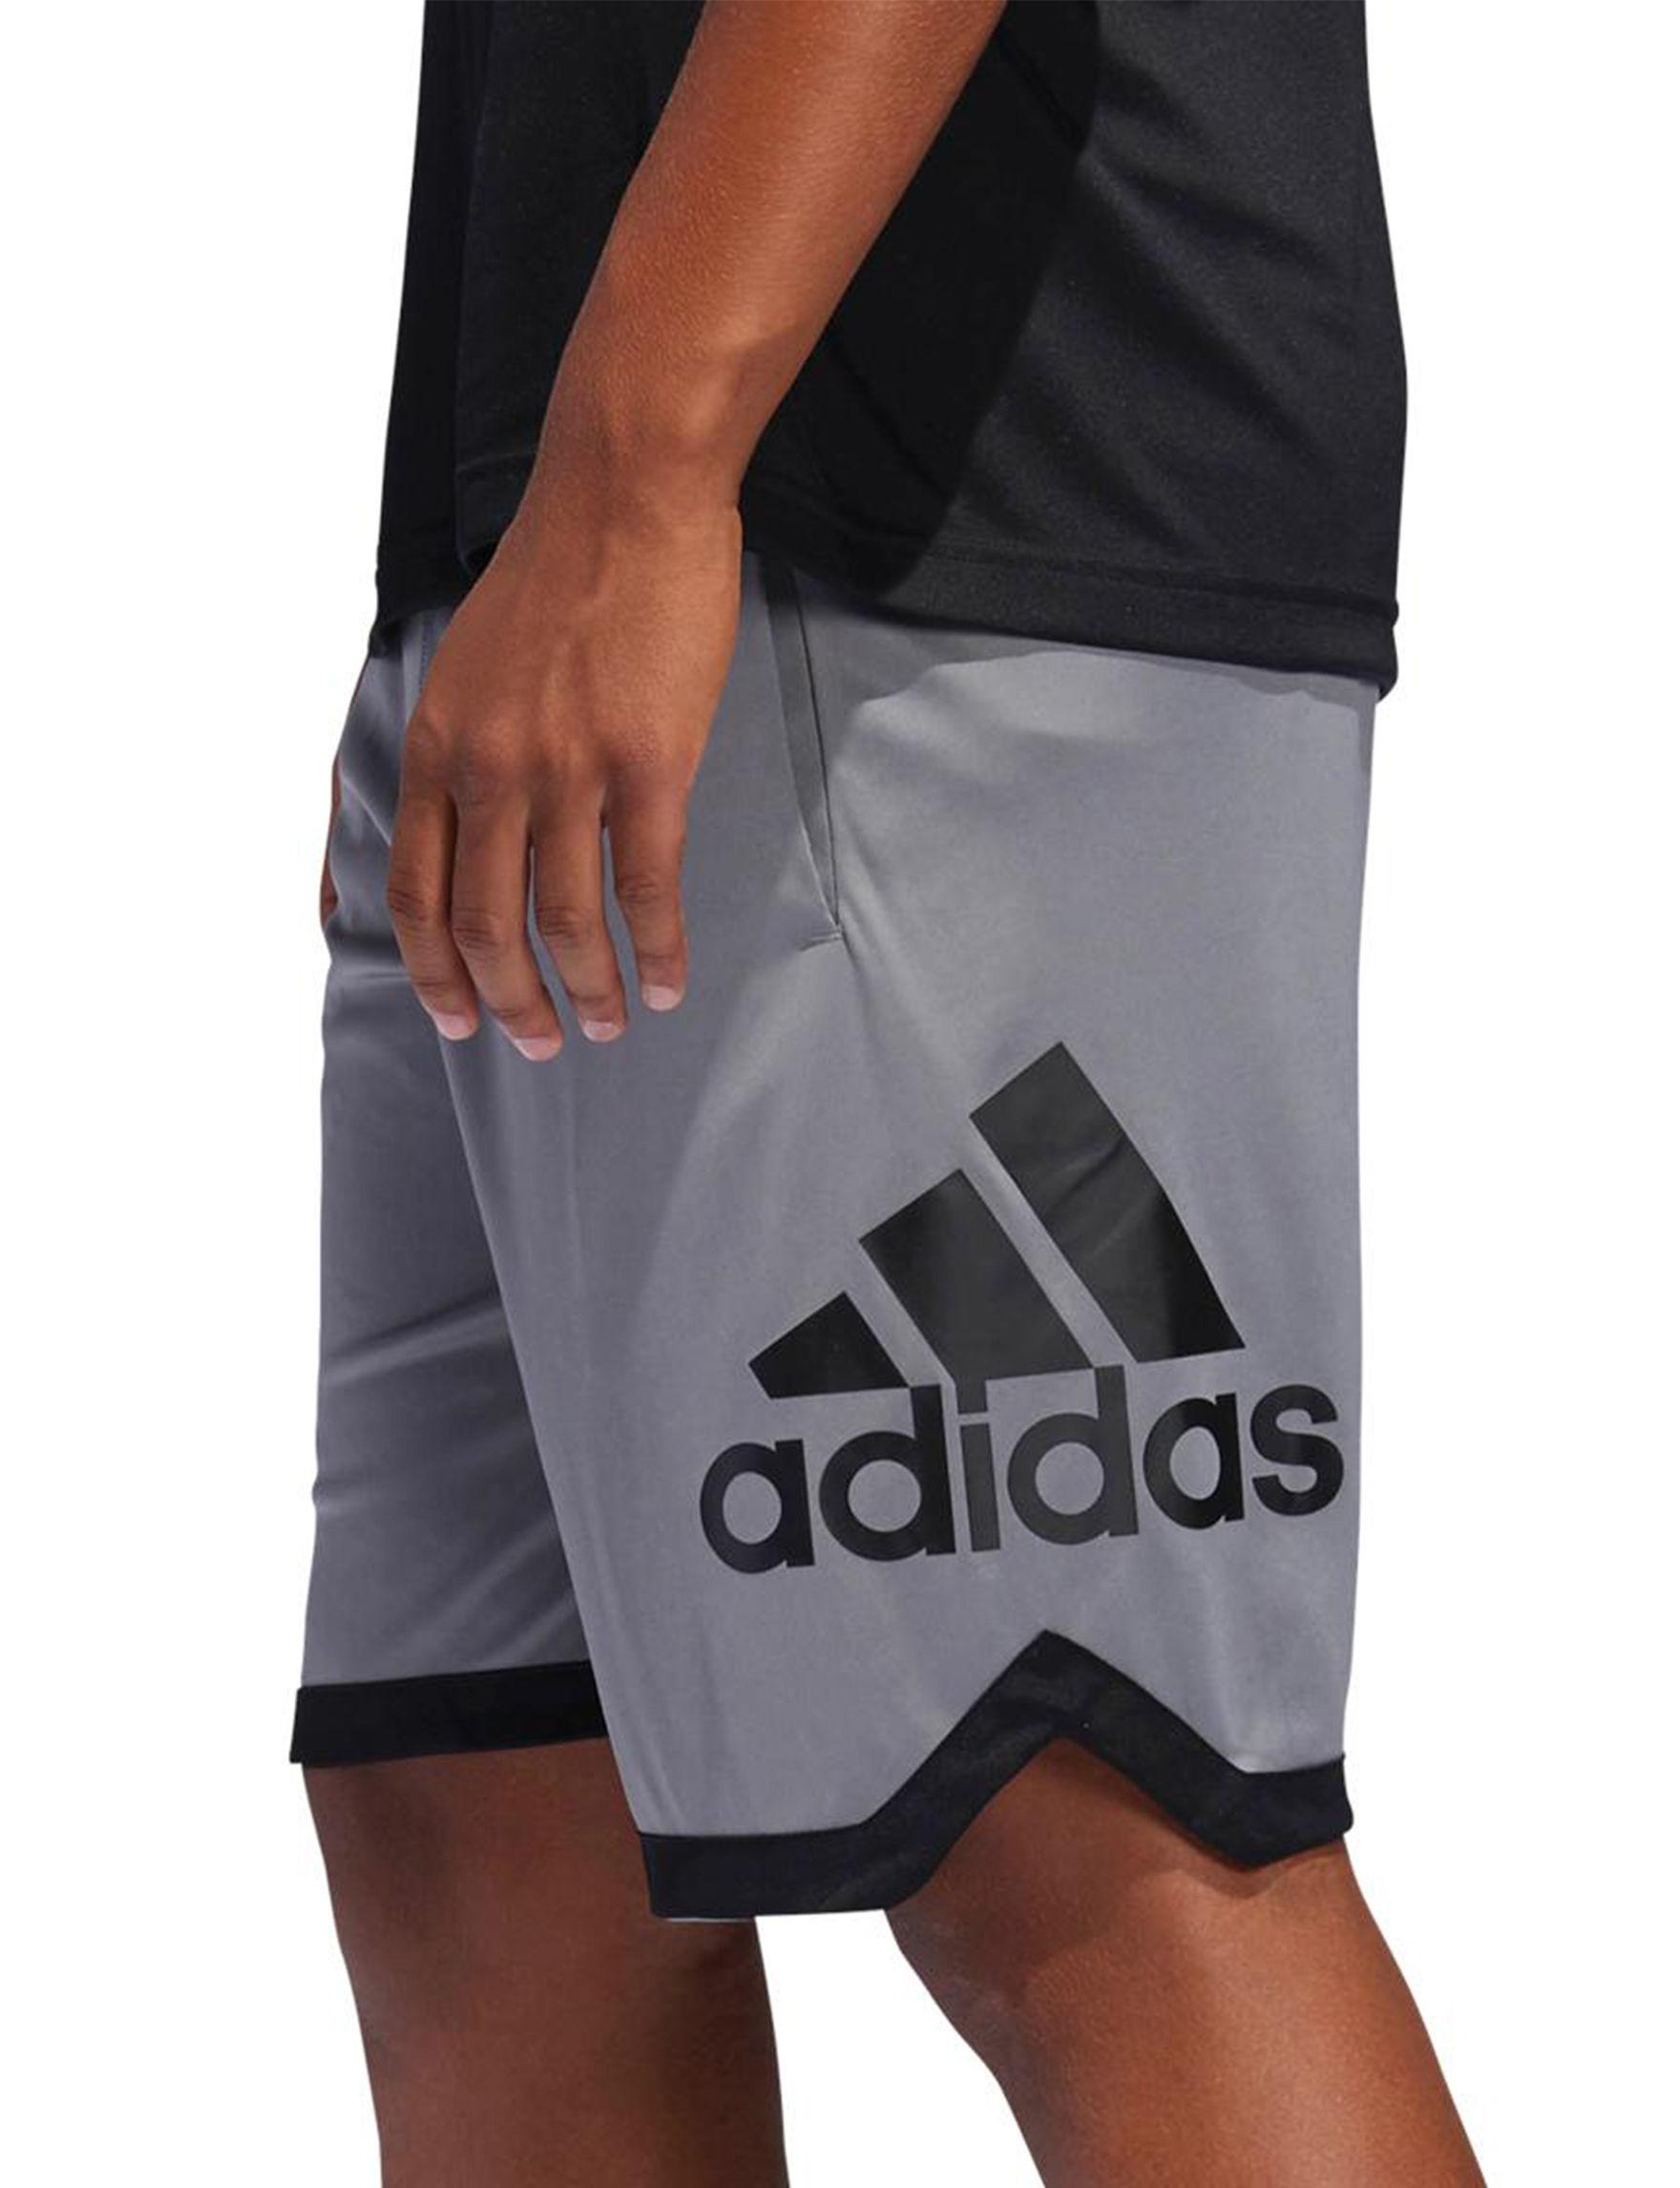 Adidas Grey / Black